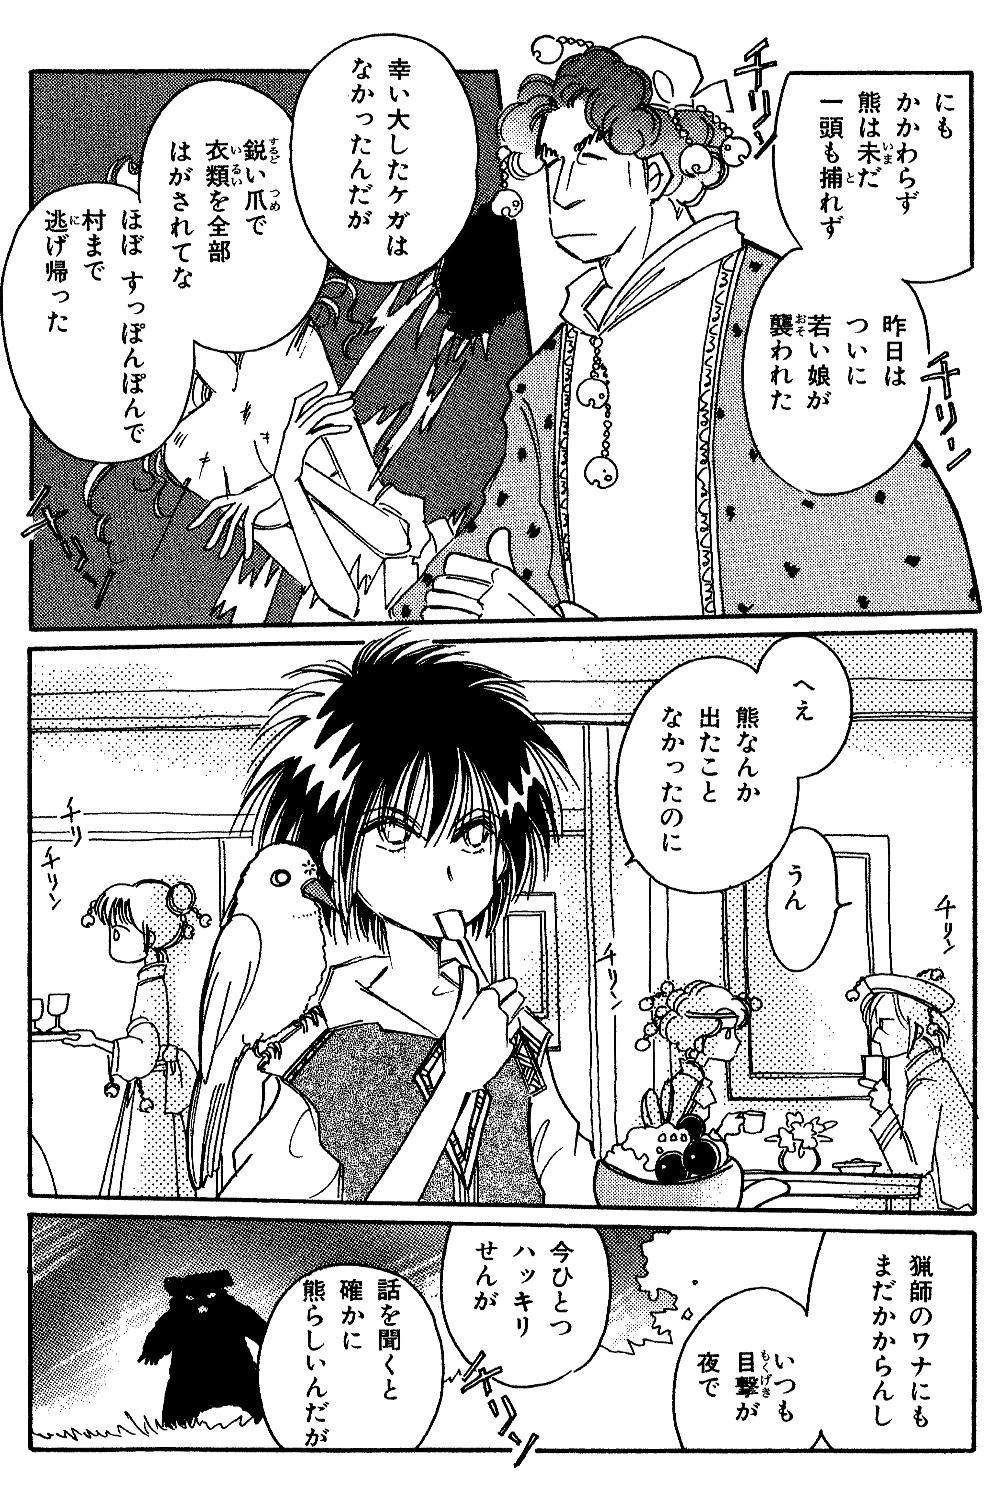 チキタ★GUGU 第3話chikitagg05-02.jpg